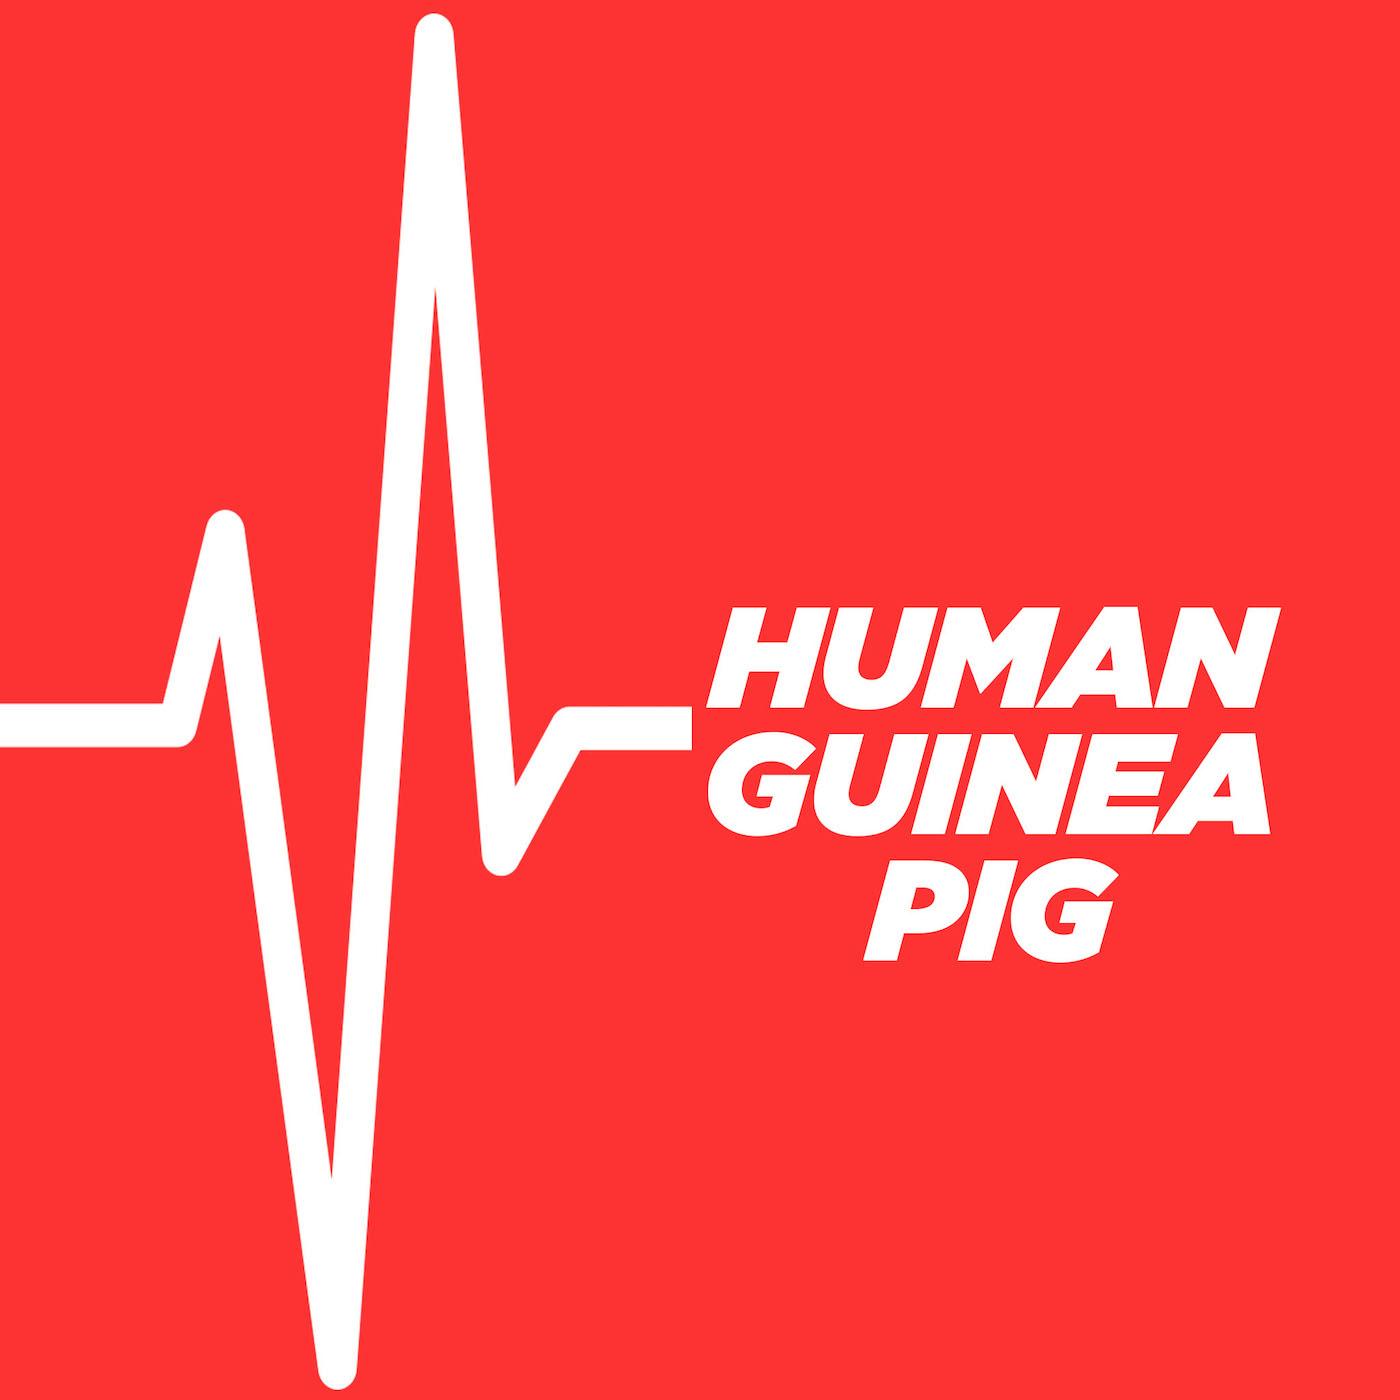 Human Guinea Pig Podcast